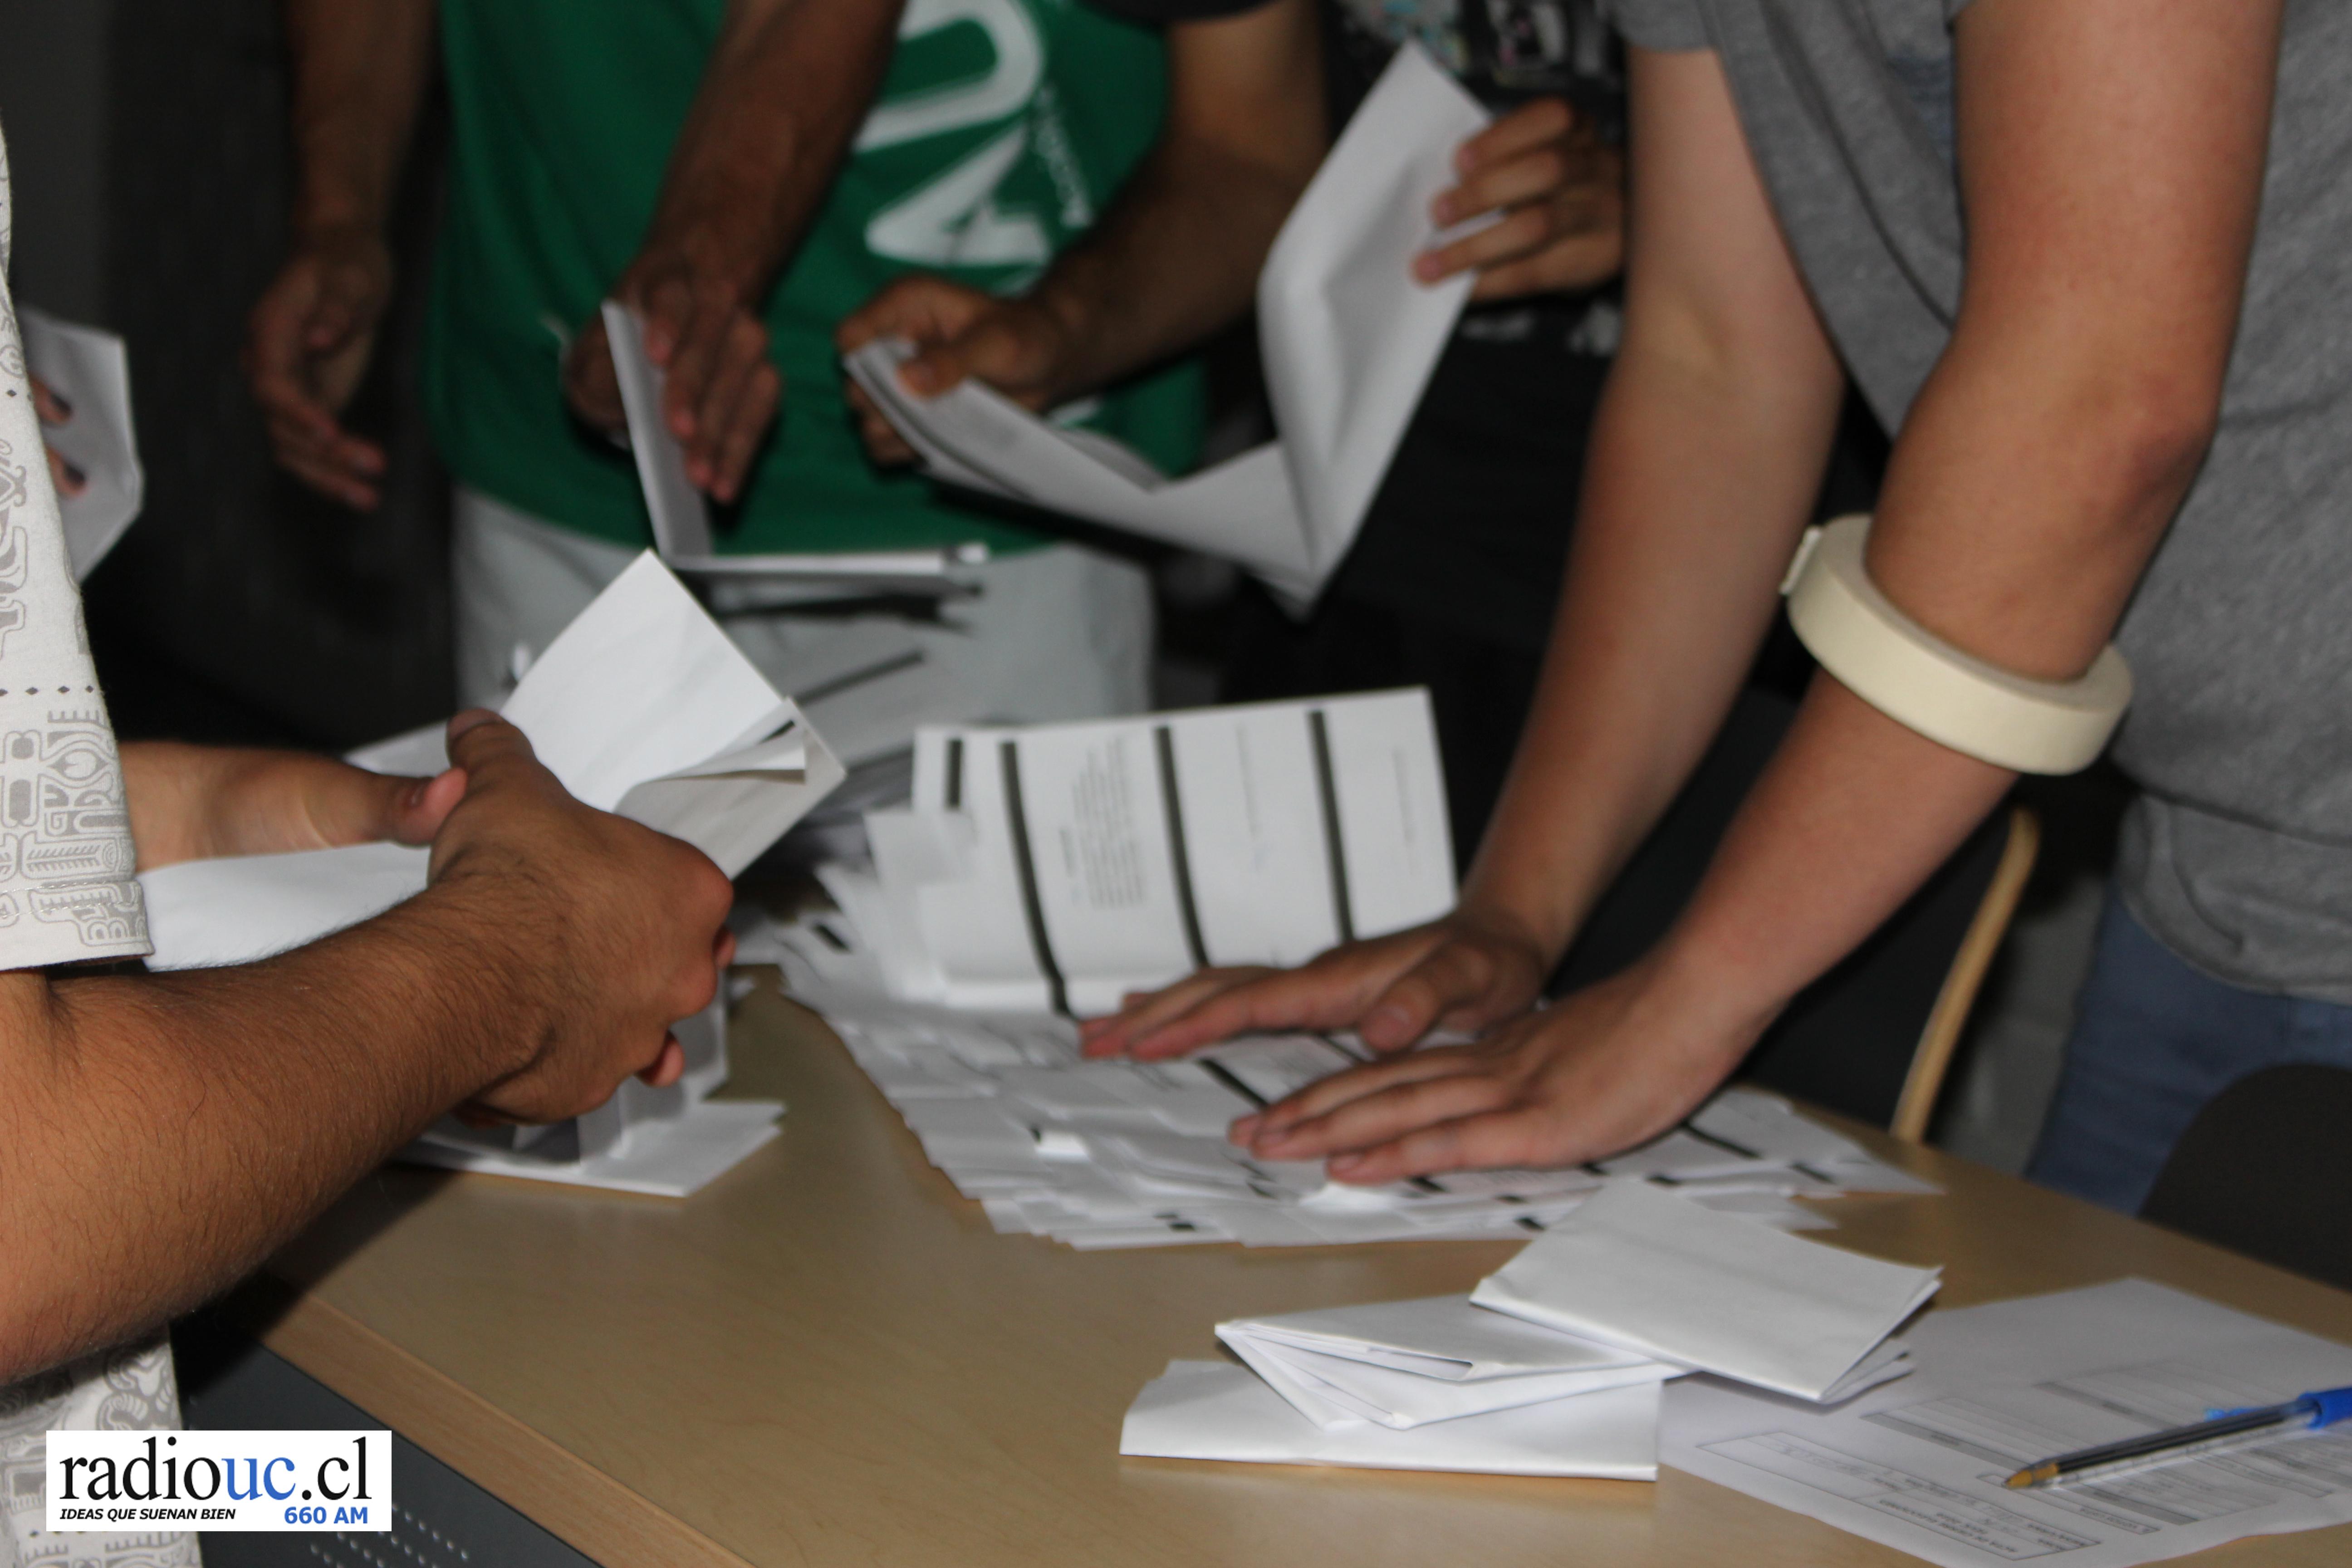 Elecciones FEUC 2017: Sigue el recuento de la segunda vuelta en Radio UC